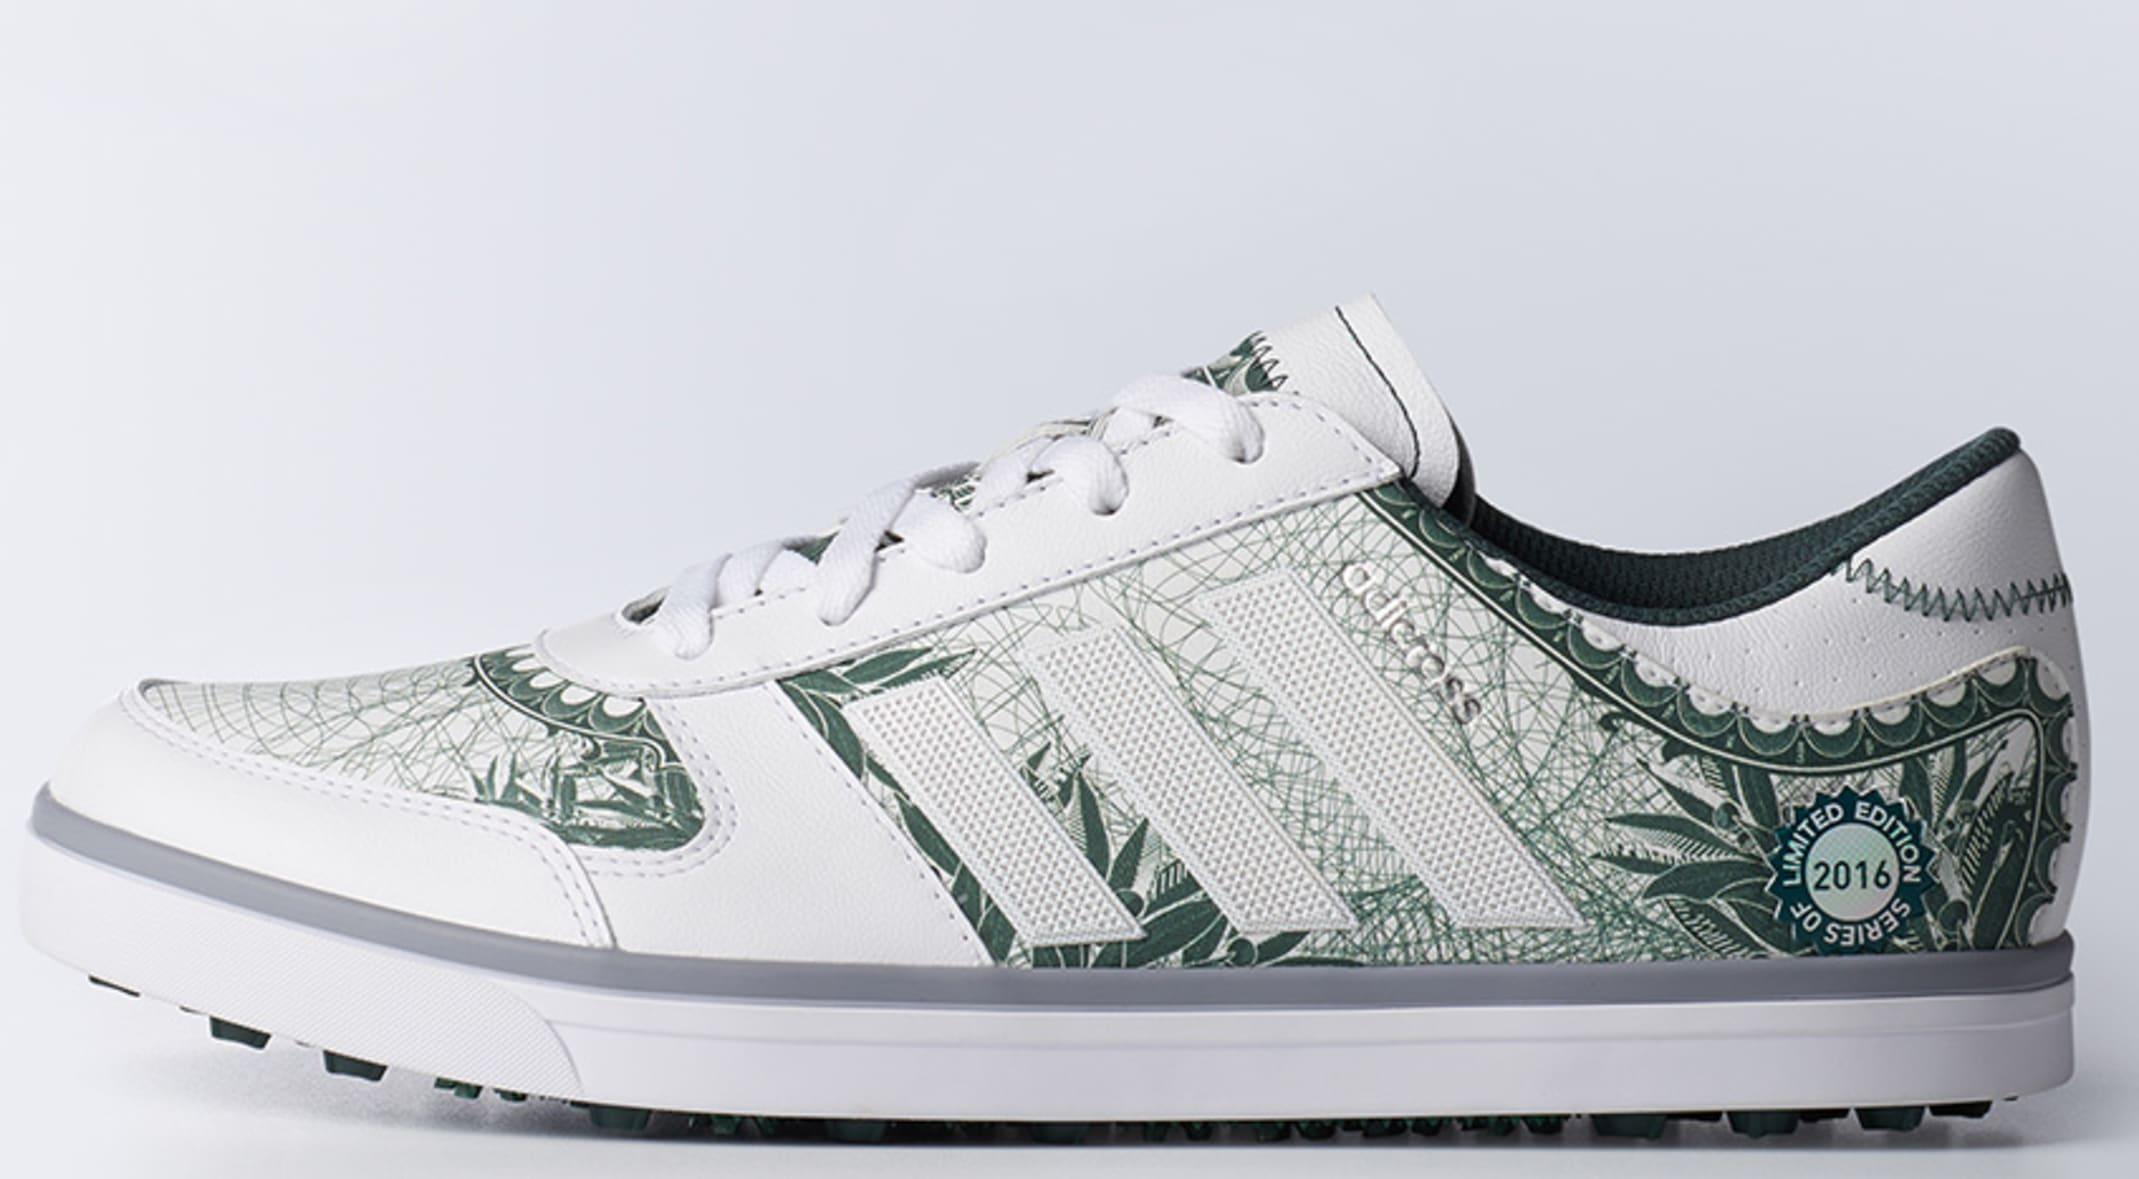 Adidas unveils Big Check Edition adicross Gripmore 2 shoe for ...